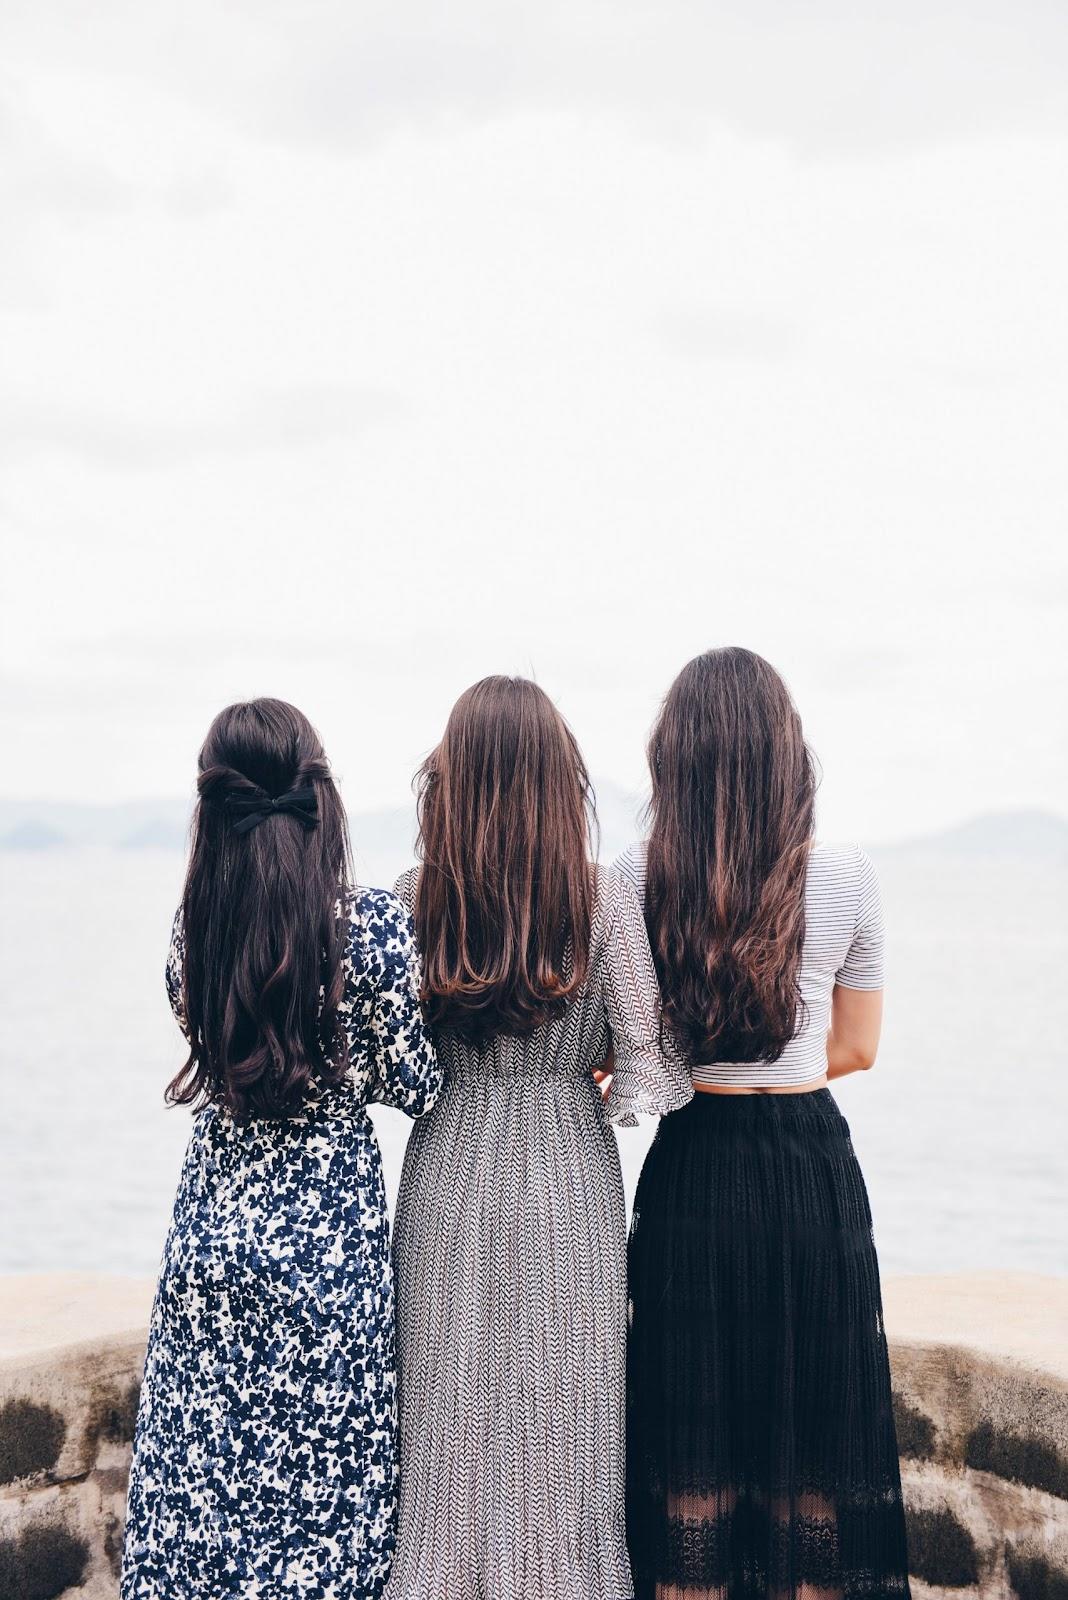 Cách làm tóc mượt cần có những lưu ý nào?